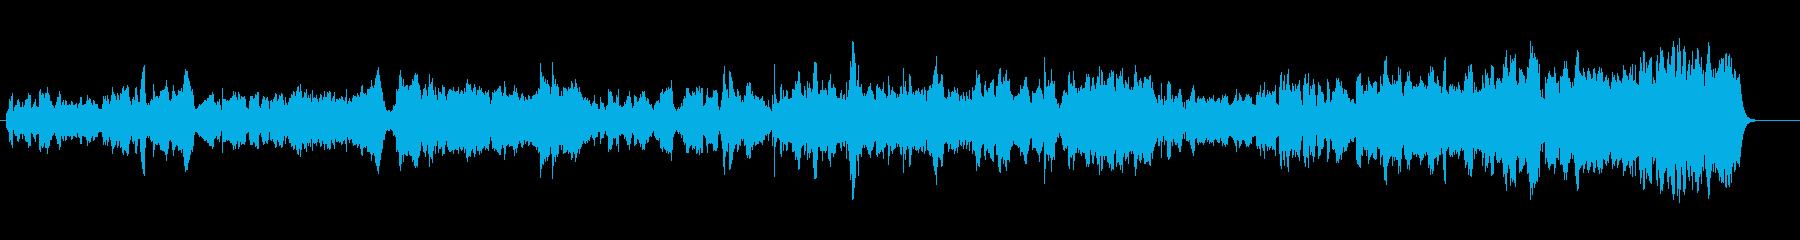 木管主体の切ない和風オーケストラの再生済みの波形